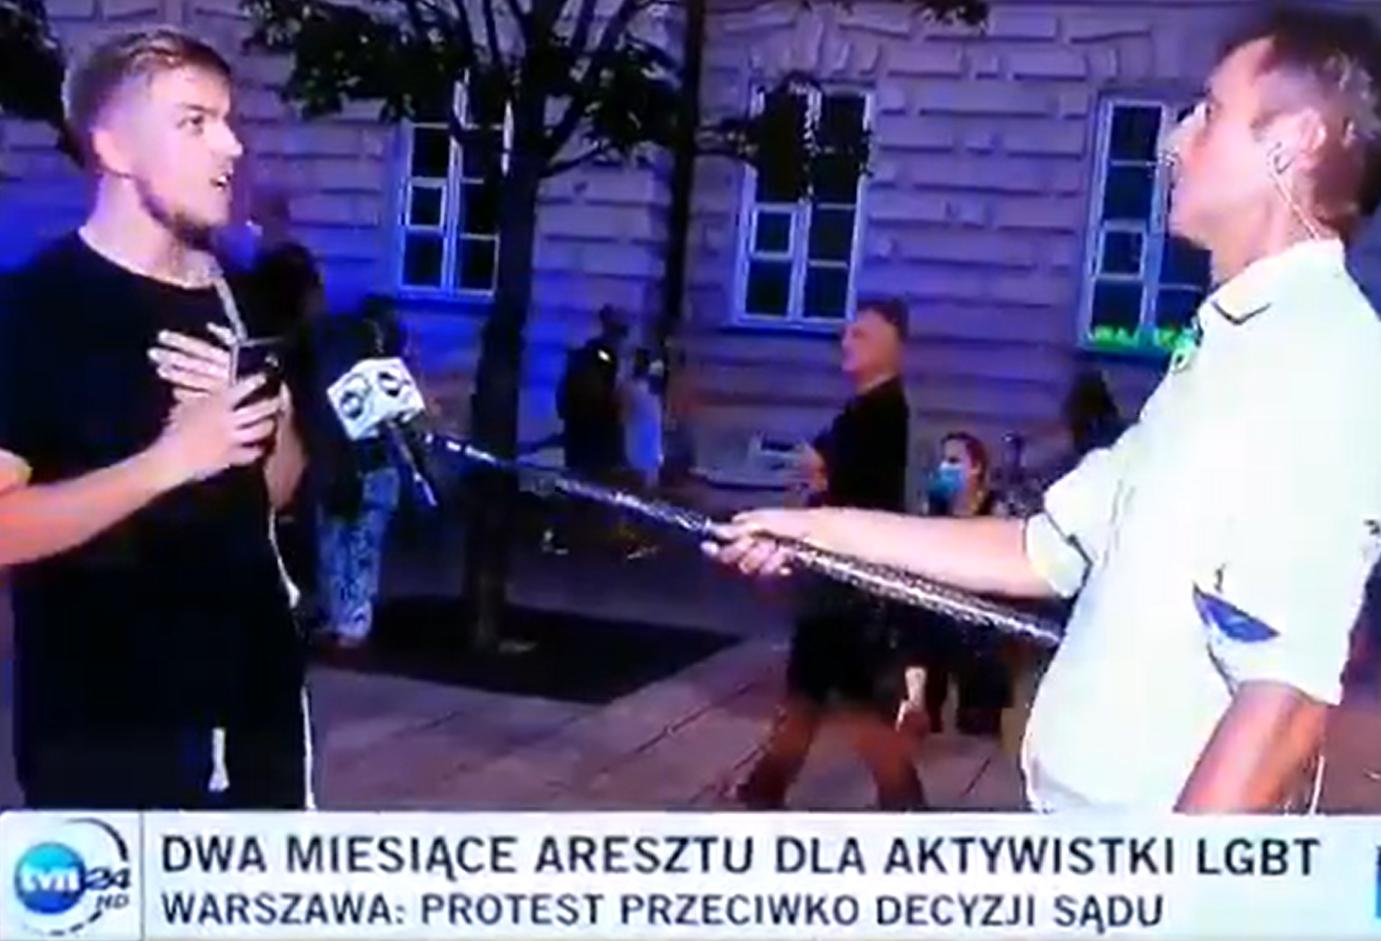 Dziennikarz TVN Paweł Łukasik został ostro upomniany na wizji przez aktywistę LGBT, chodziło o aresztowanie aktywistki trans płciowej Margot.